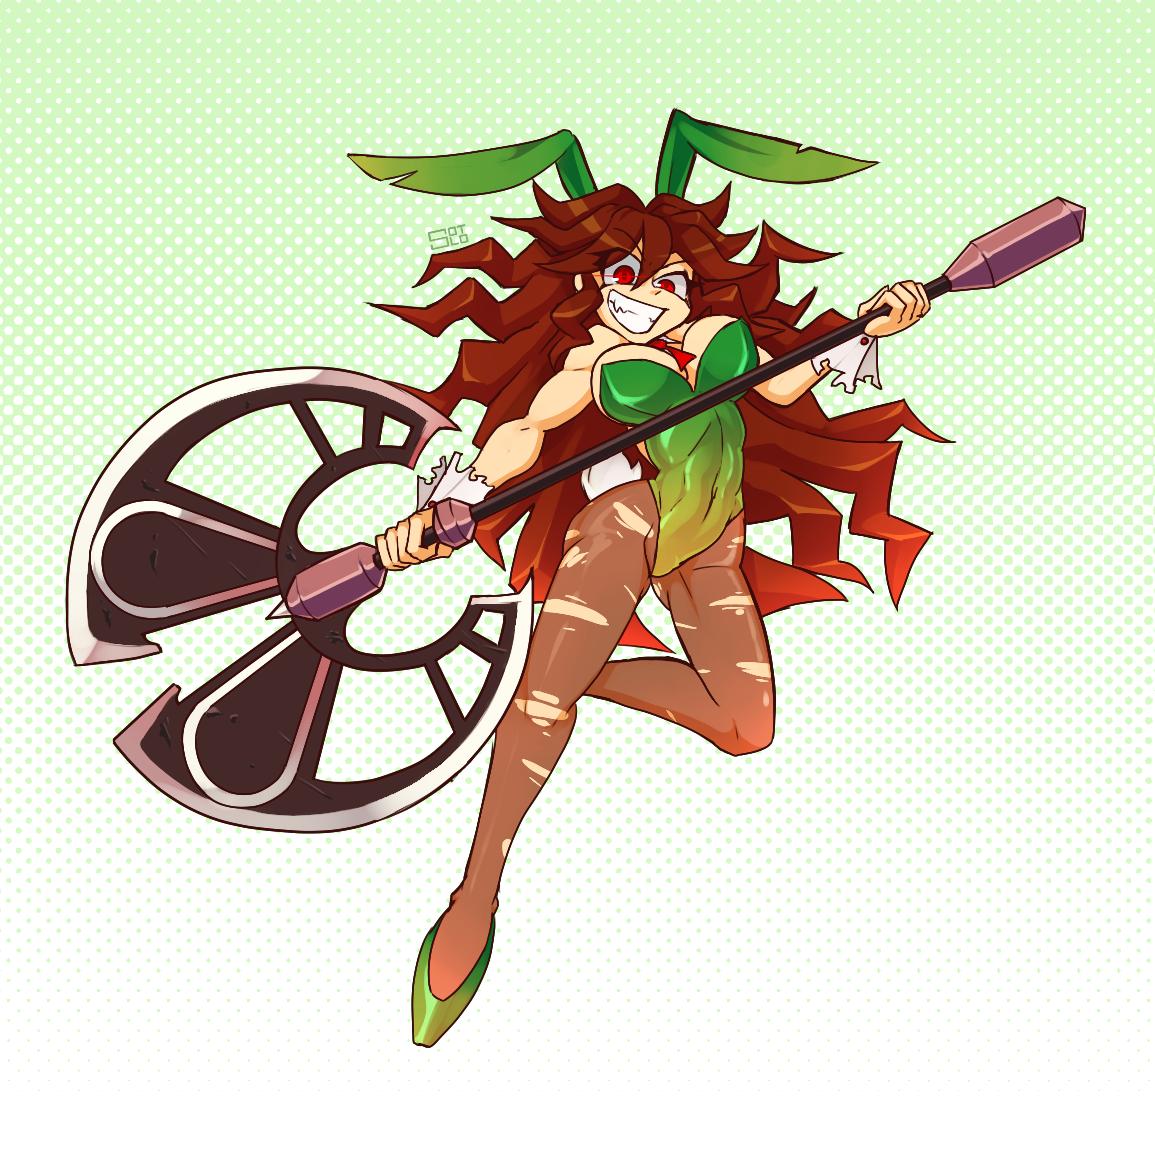 [Bunnygirl] Angela